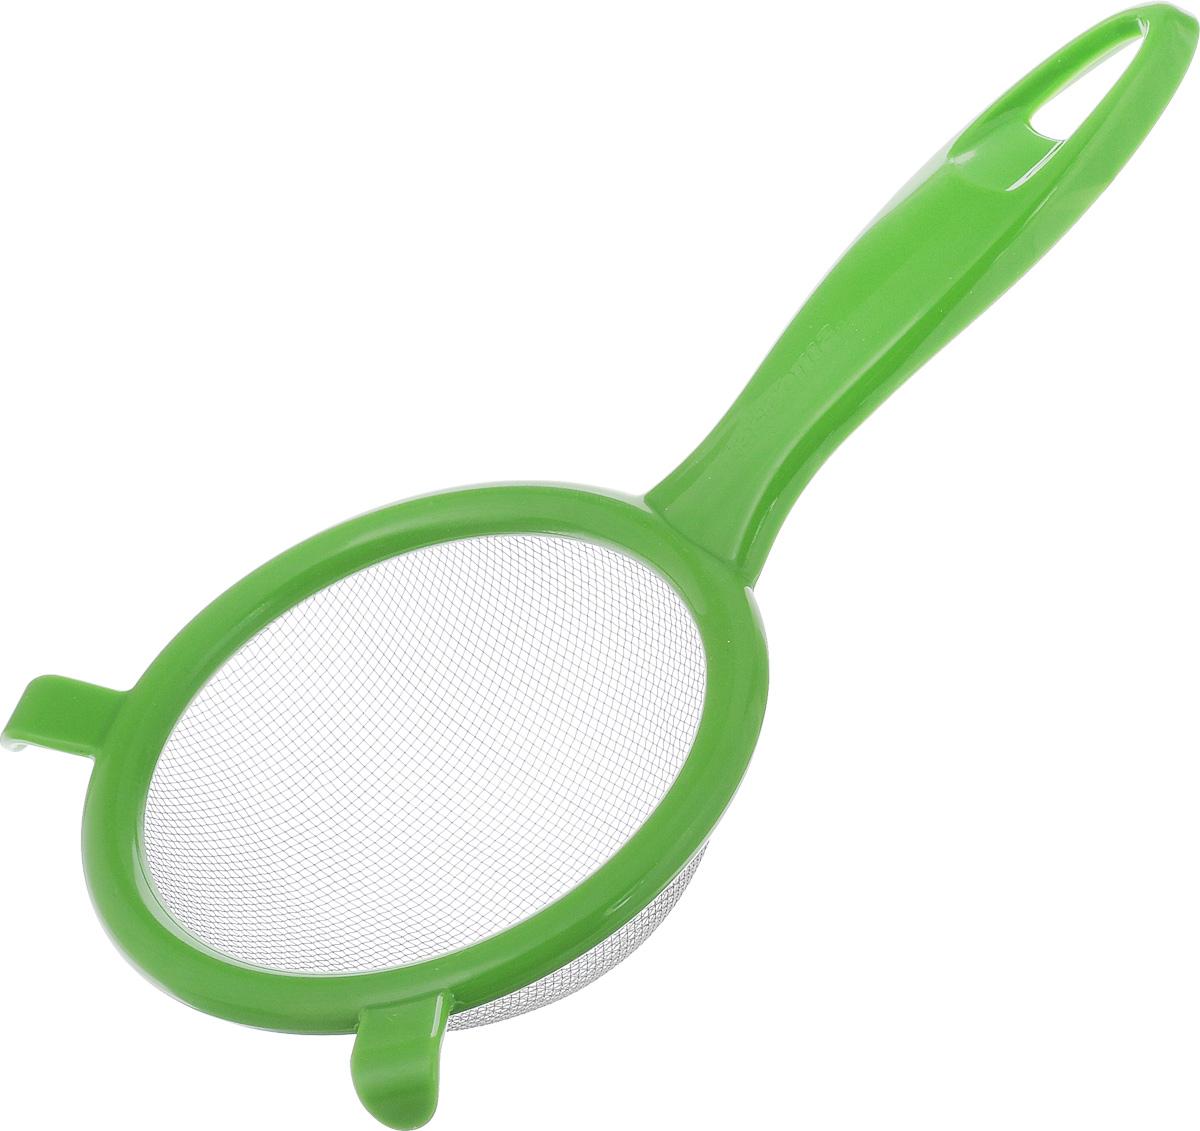 Сито Tescoma Presto, цвет: светло-зеленый, диаметр 10 см420603_светло-зеленыйСито Tescoma Presto изготовлено из высококачественной нержавеющей стали и прочного пластика. За обычным дизайном скрывается практичность и функциональность. Эргономичная ручка снабжена отверстием для подвешивания на крючок. С этим ситом вы можете просеивать сыпучие продукты, процеживать компоты и соки. Незаменимо оно станет и для приготовления детских пюре. Удобство в использовании дополняется двумя держателями.Такое сито станет незаменимым аксессуаром на вашей кухне. Можно мыть в посудомоечной машине. Диаметр сита: 10 см. Длина (с учетом ручки): 20 см.